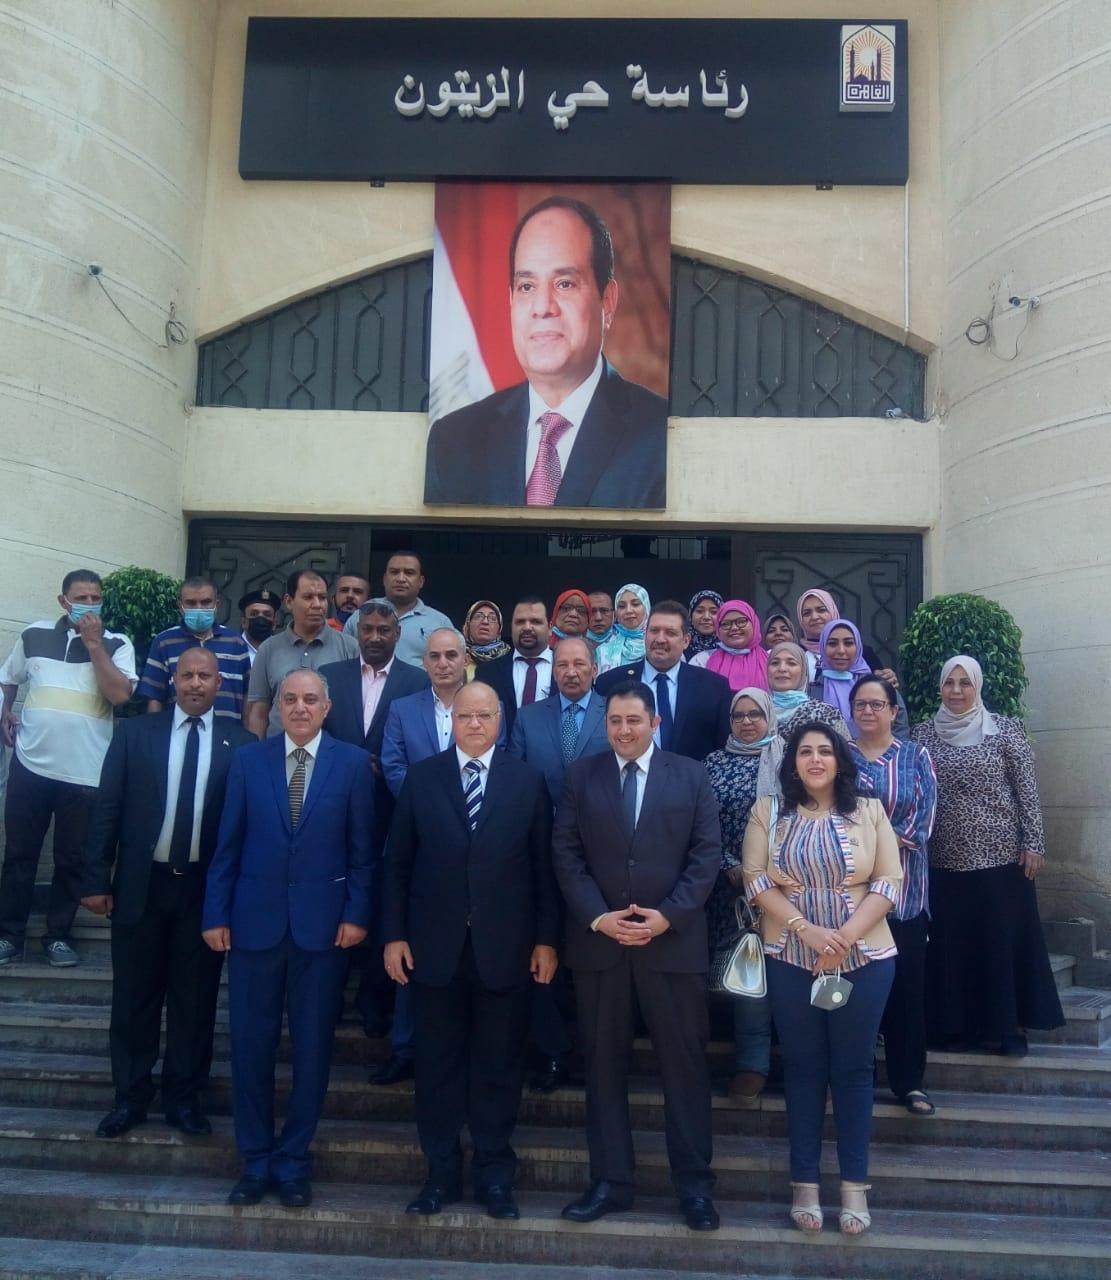 محافظ القاهرة يفتتح أعمال تطوير حي الزيتون والمركز التكنولوجي الخاص به